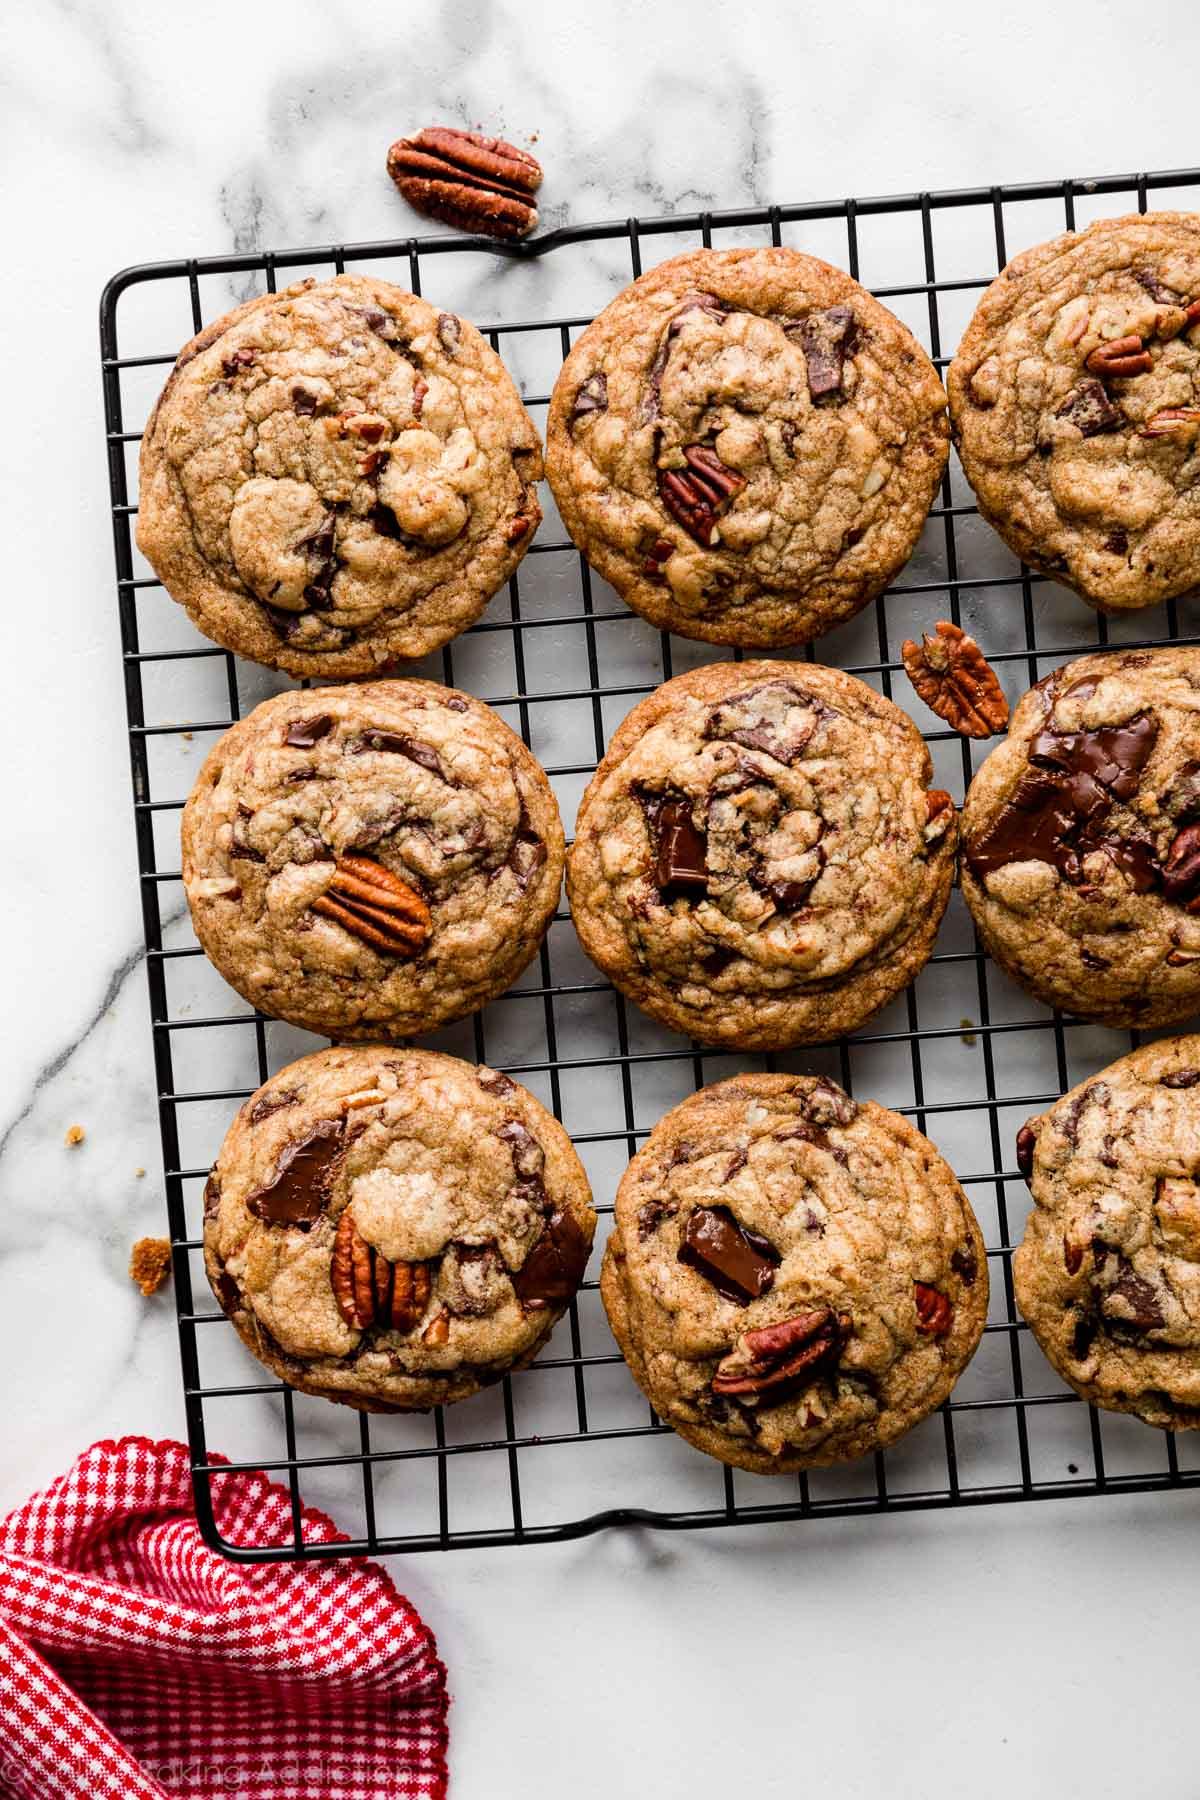 Biscuits aux pacanes et au chocolat noir au beurre brun sur une grille de refroidissement